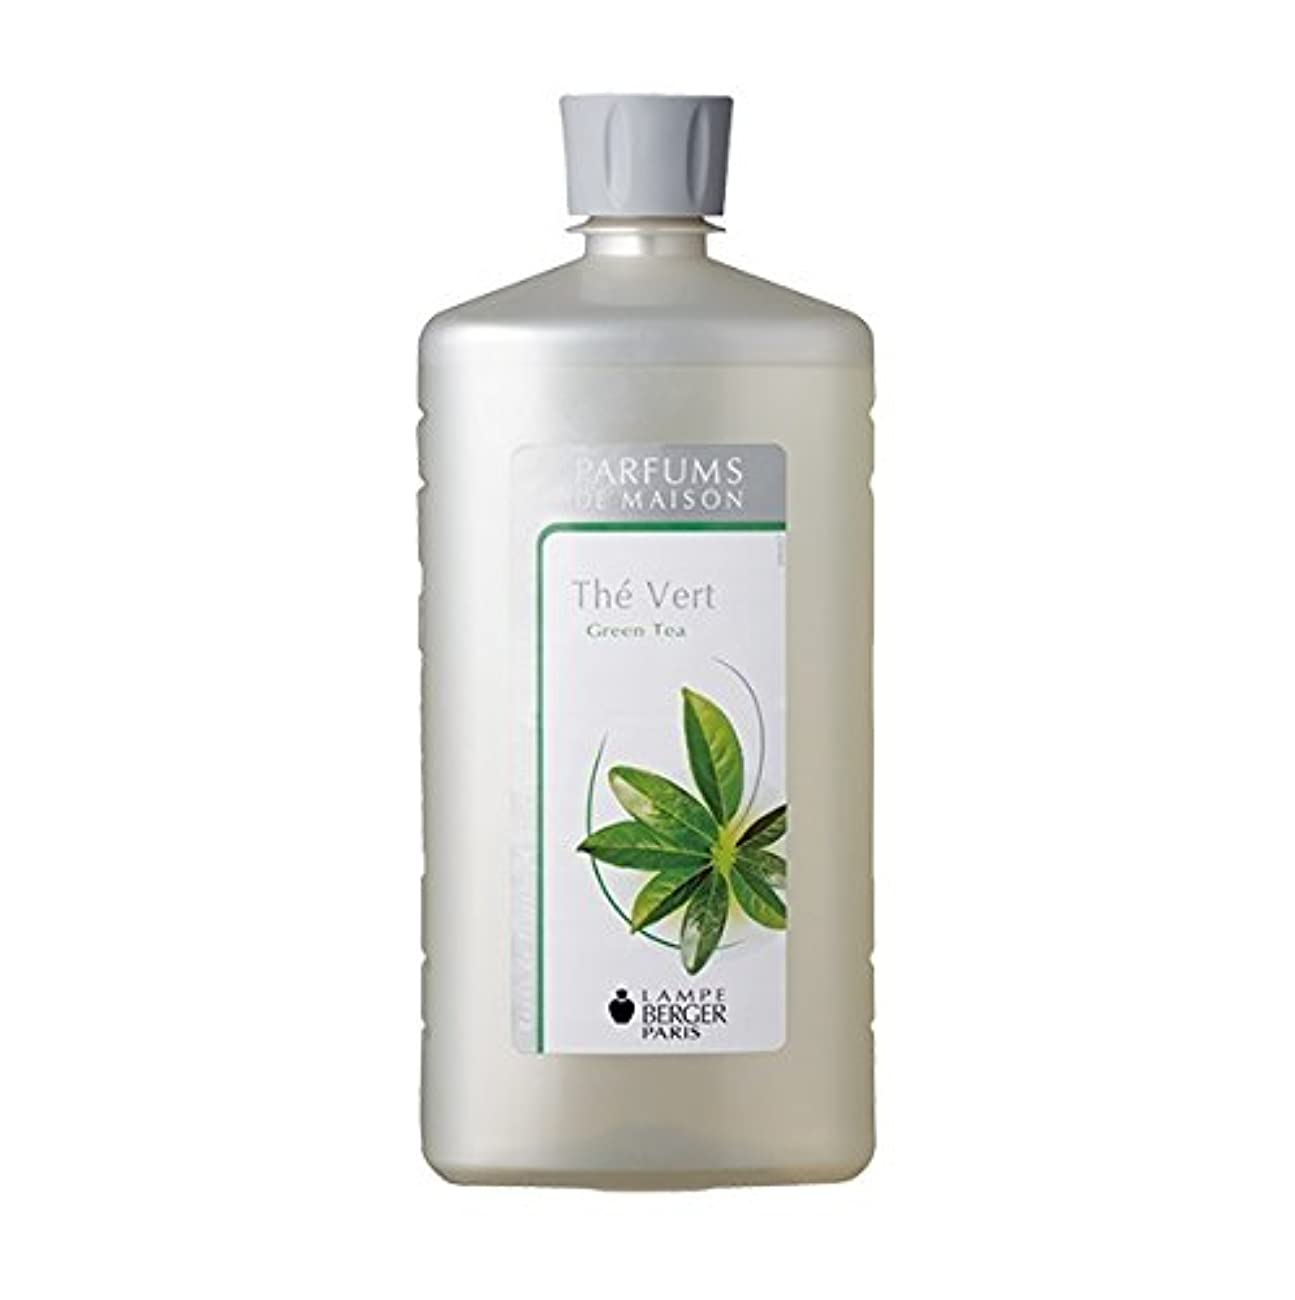 運搬遵守する限りランプベルジェオイル(緑茶)Thé Vert